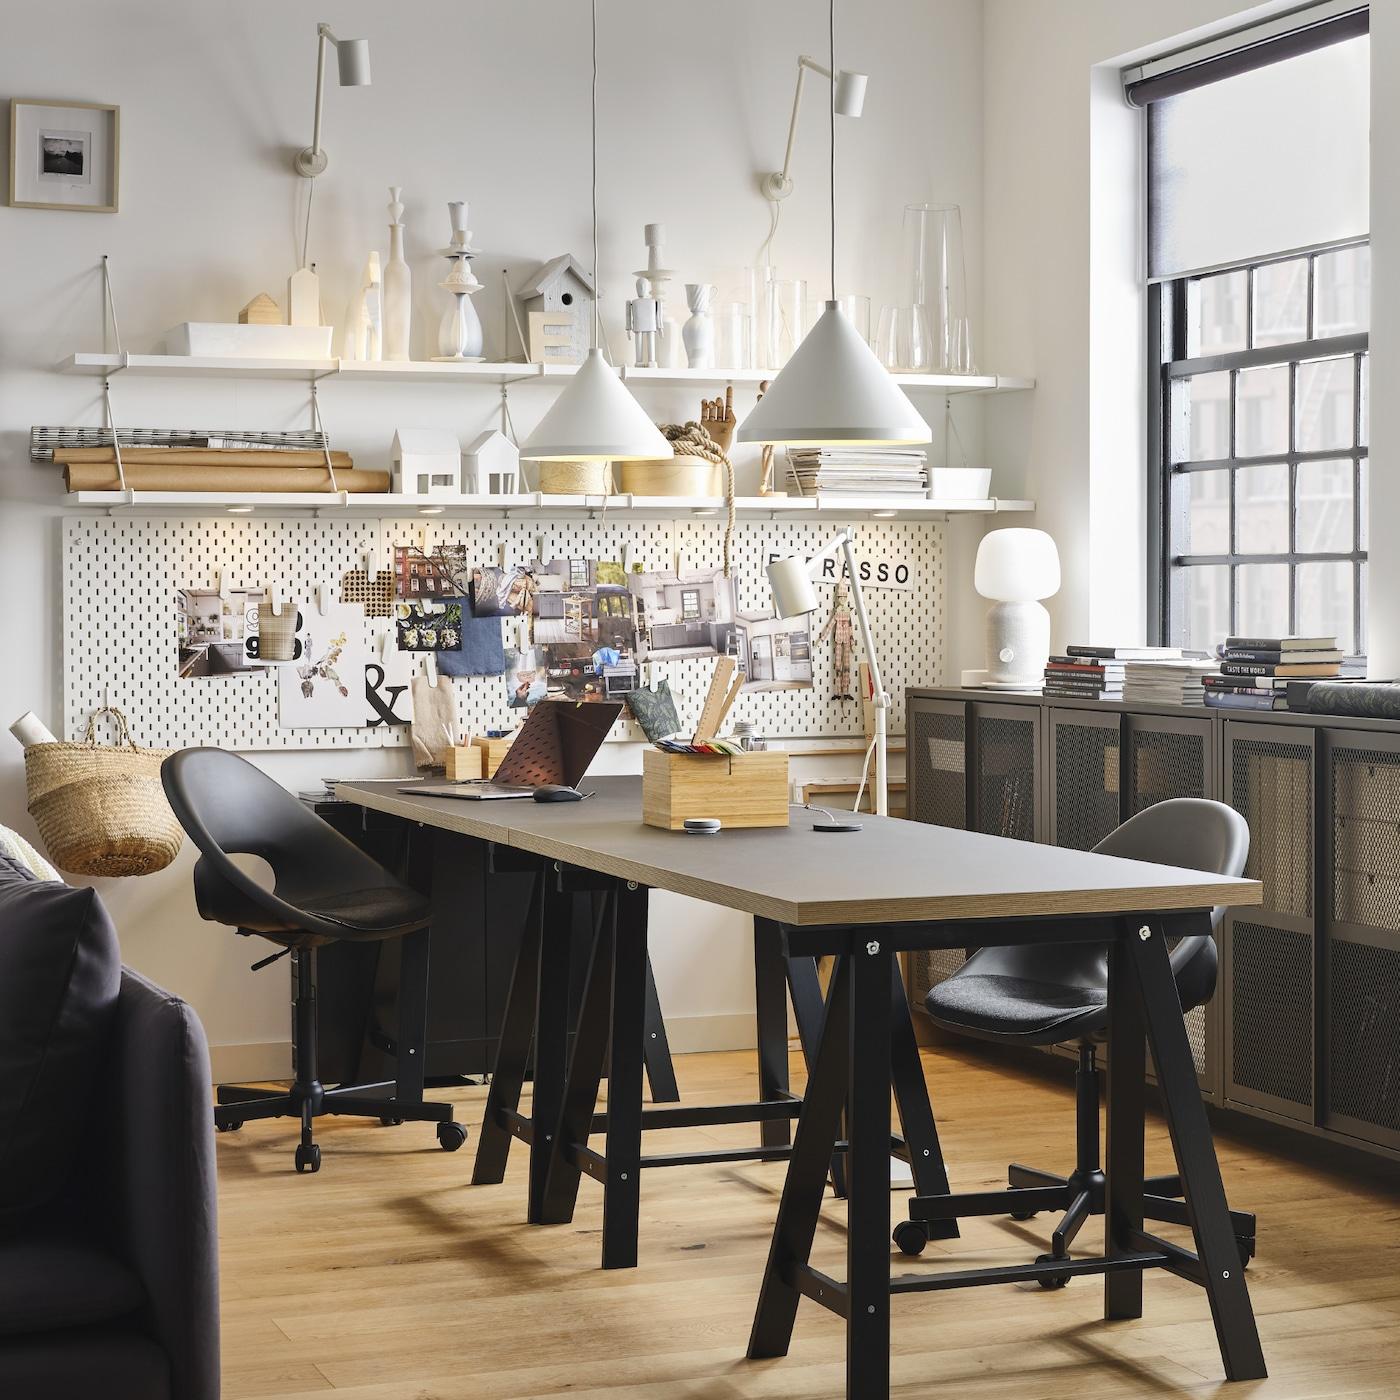 A workspace with two black tables and two black swivel chairs, two white pendant lamps and white wall shelves.  Työpiste, jossa on kaksi mustaa pöytää ja kaksi mustaa työtuolia, kaksi valkoista roikkuvaa valaisinta ja valkoinen seinähylly.